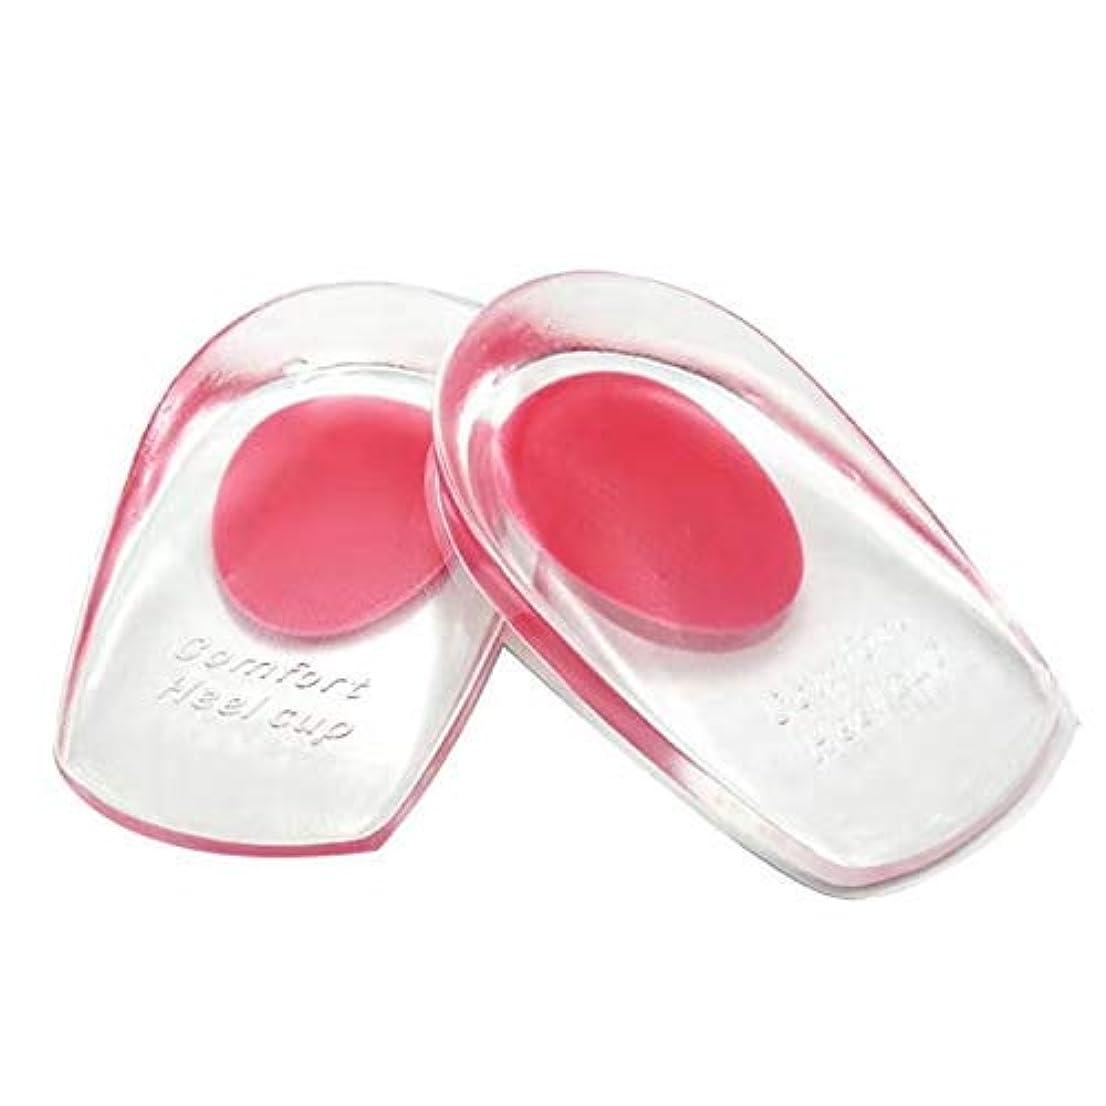 交流する幽霊技術靴のかかとの柔らかい敷き靴と女性用の靴のかかとのサンダルの靴のかかとの柔らかい敷き靴のかかとの柔らかい敷き靴の柔らか